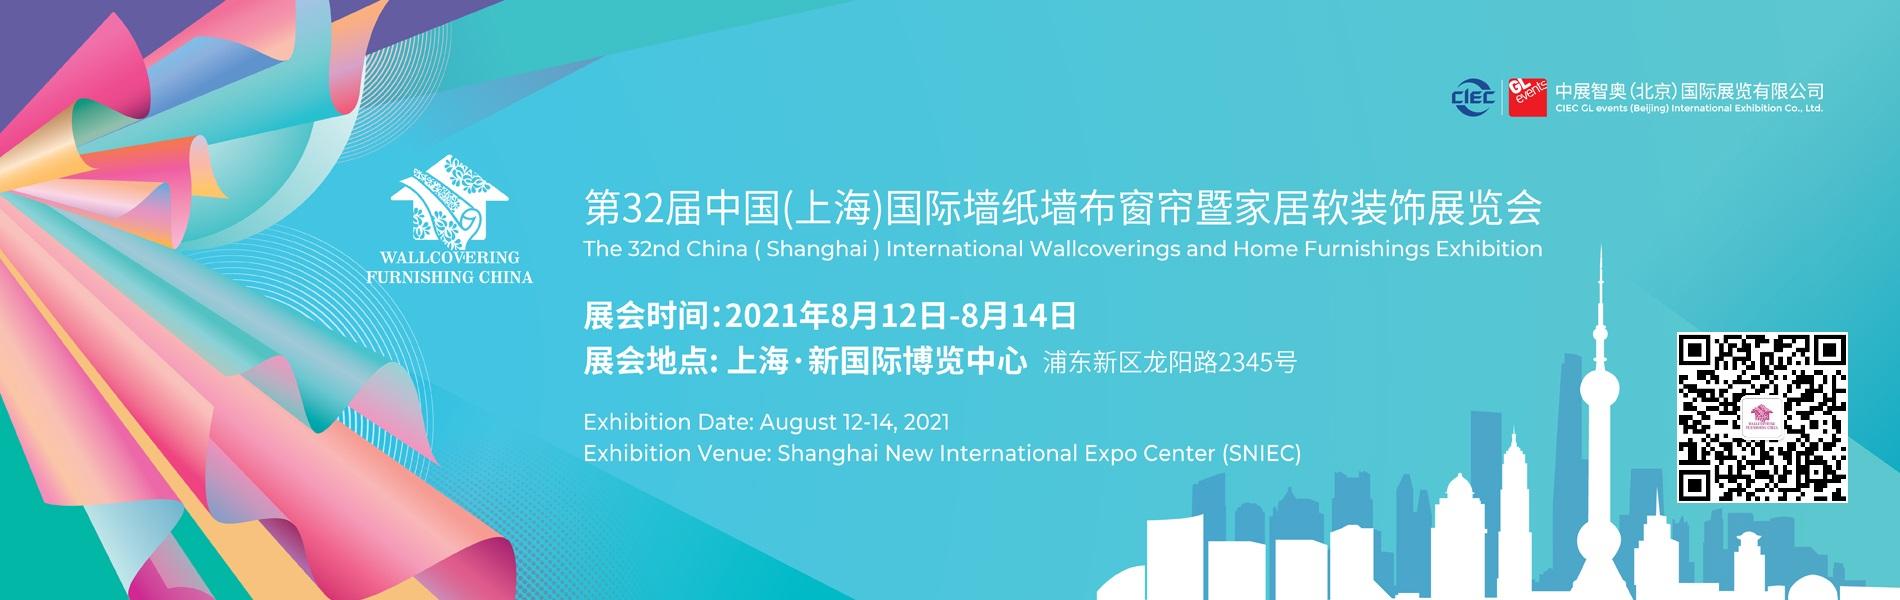 上海墙纸展-首页-1